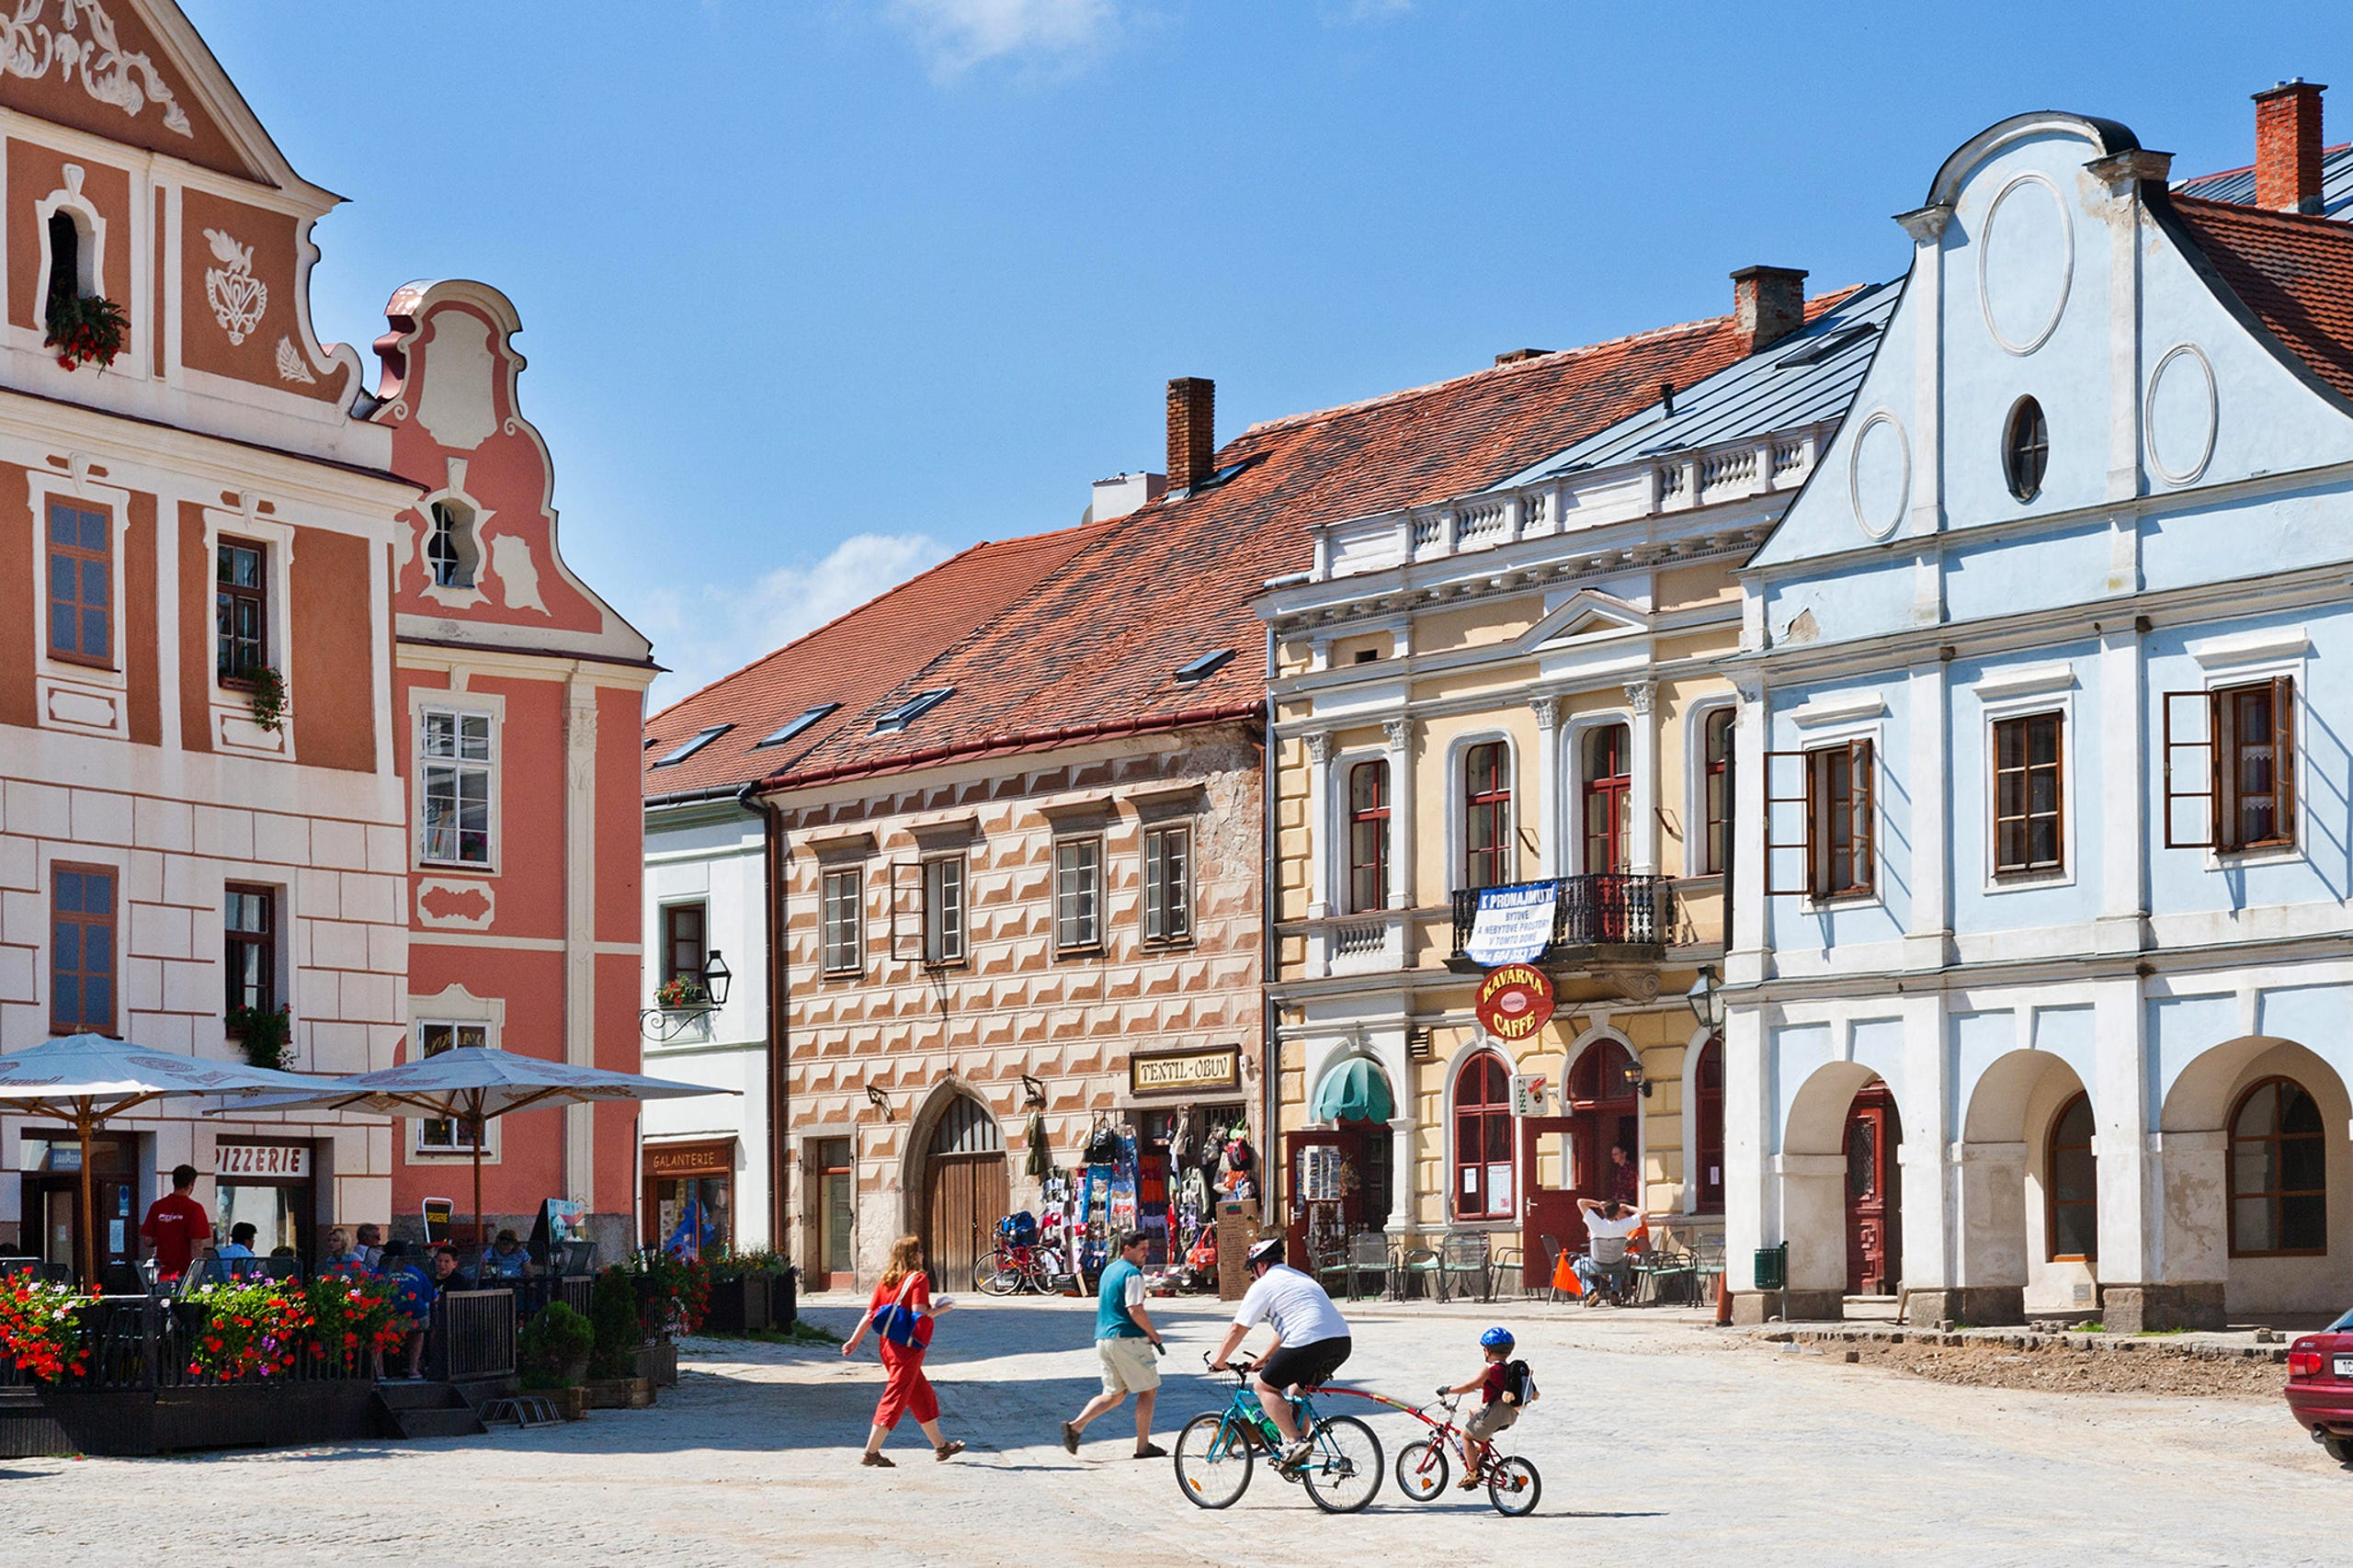 نتيجة بحث الصور عن In Czechia, Telč's main square is lined with pastel-hued Renaissance and baroque houses.